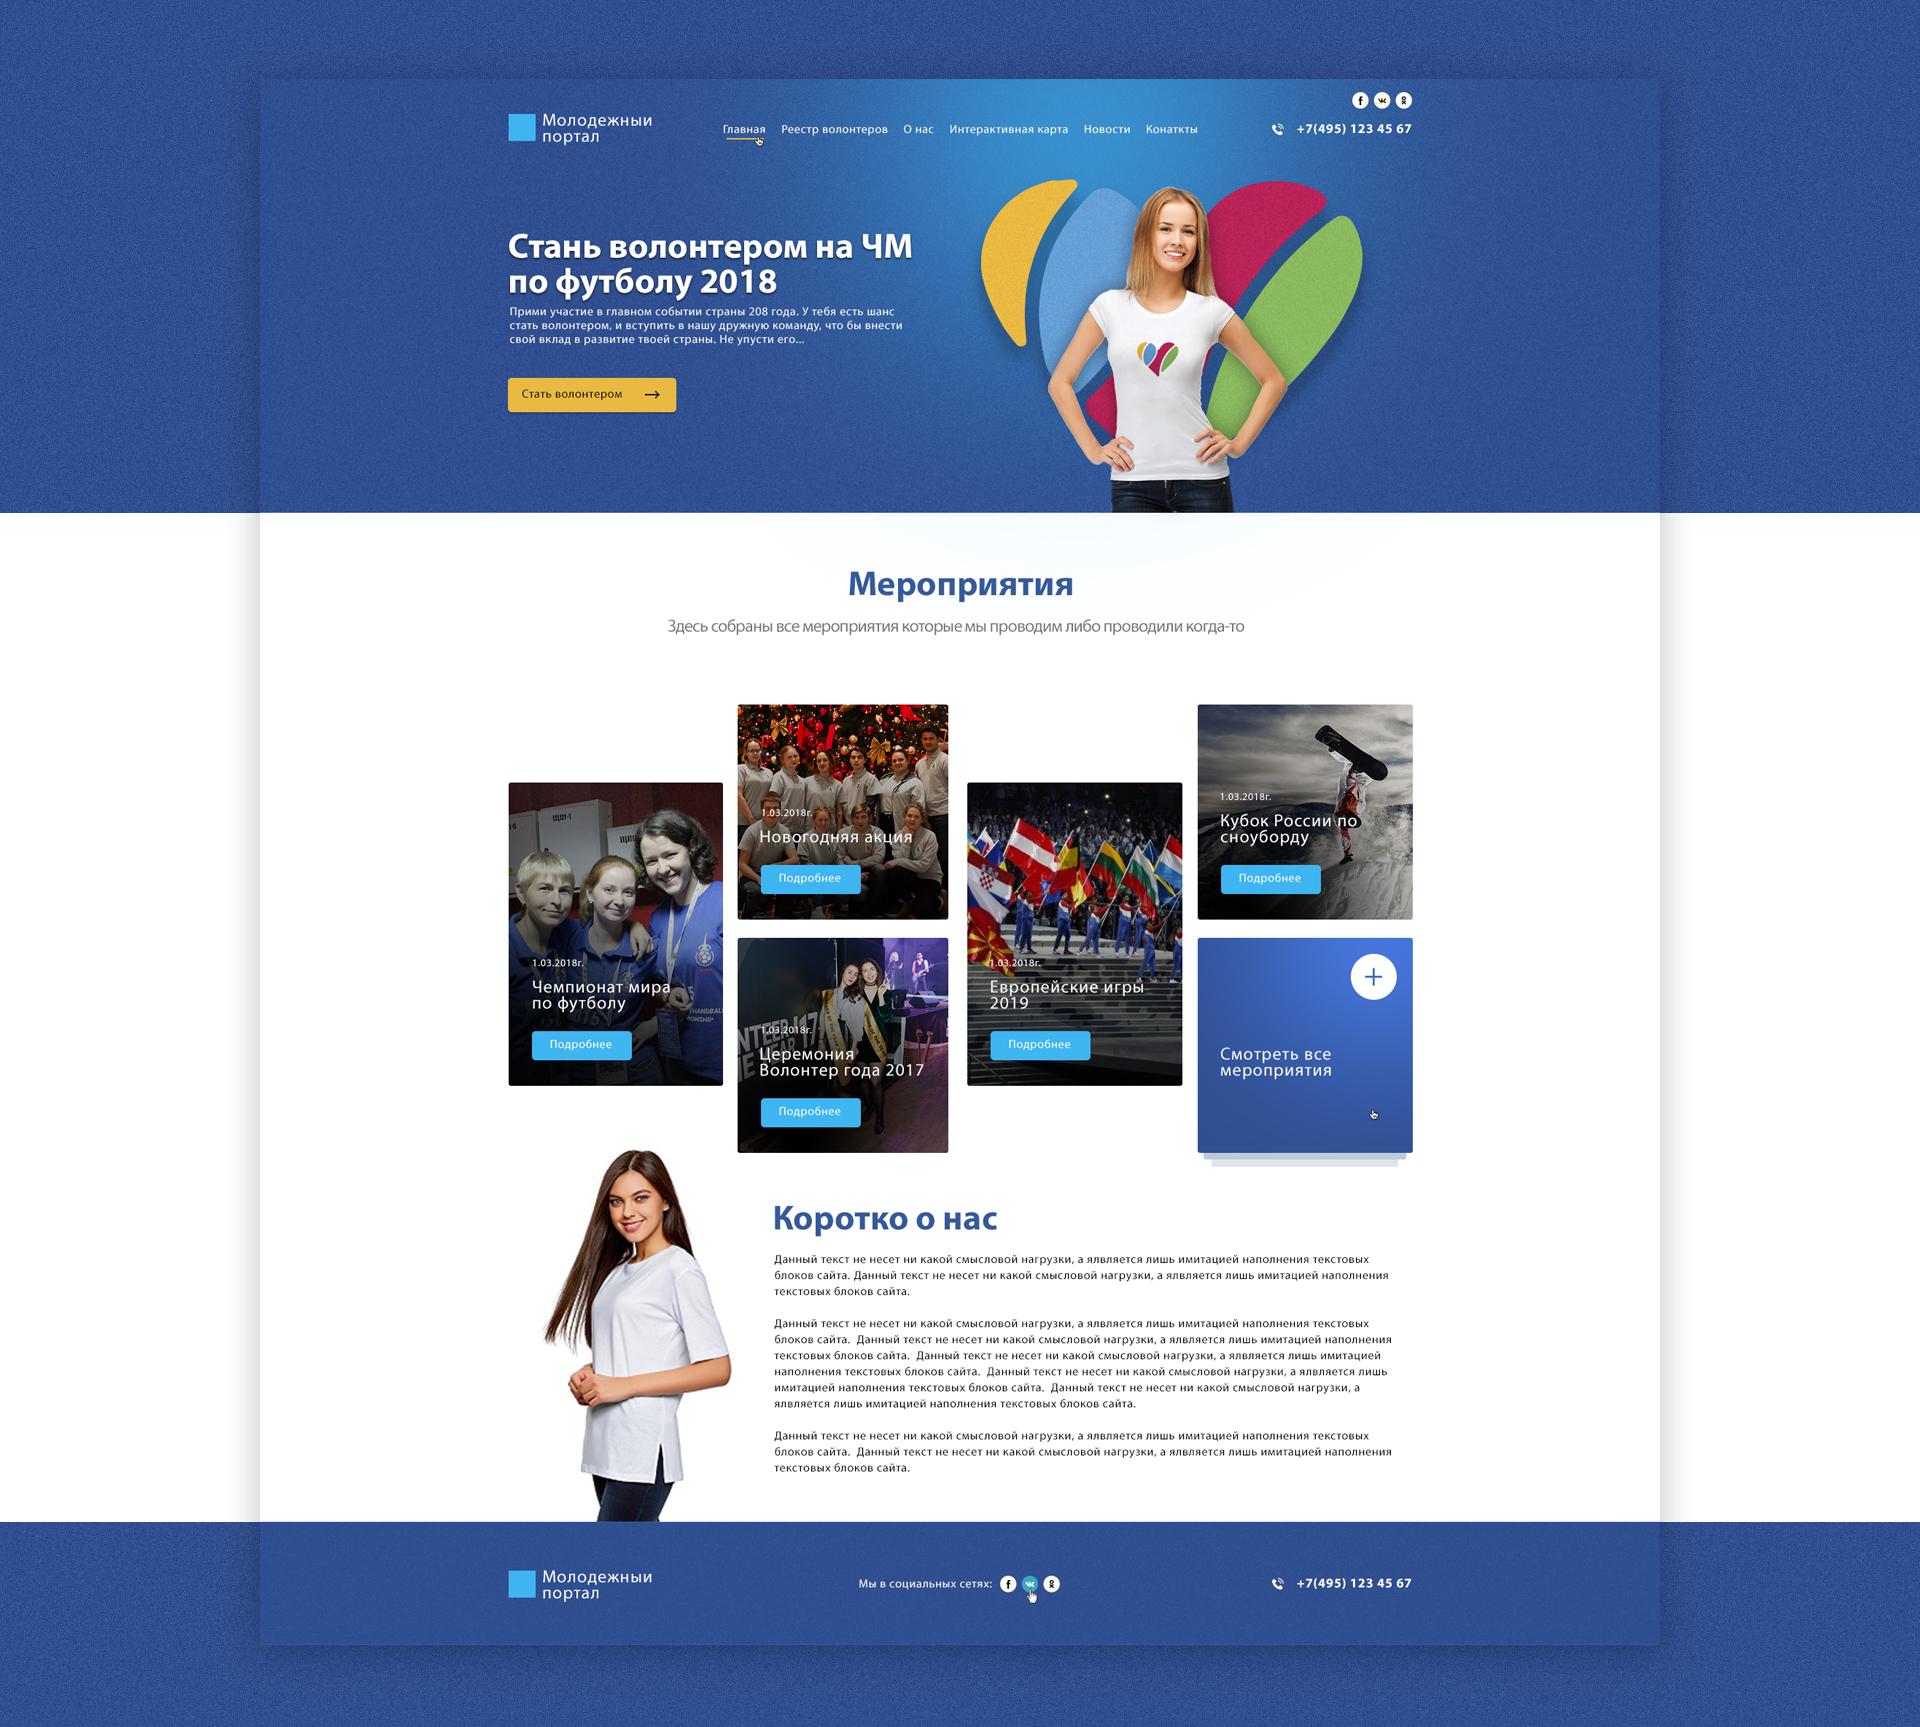 Разработка дизайн-концепции 2 страниц сайта фото f_3375a435214d1f64.jpg